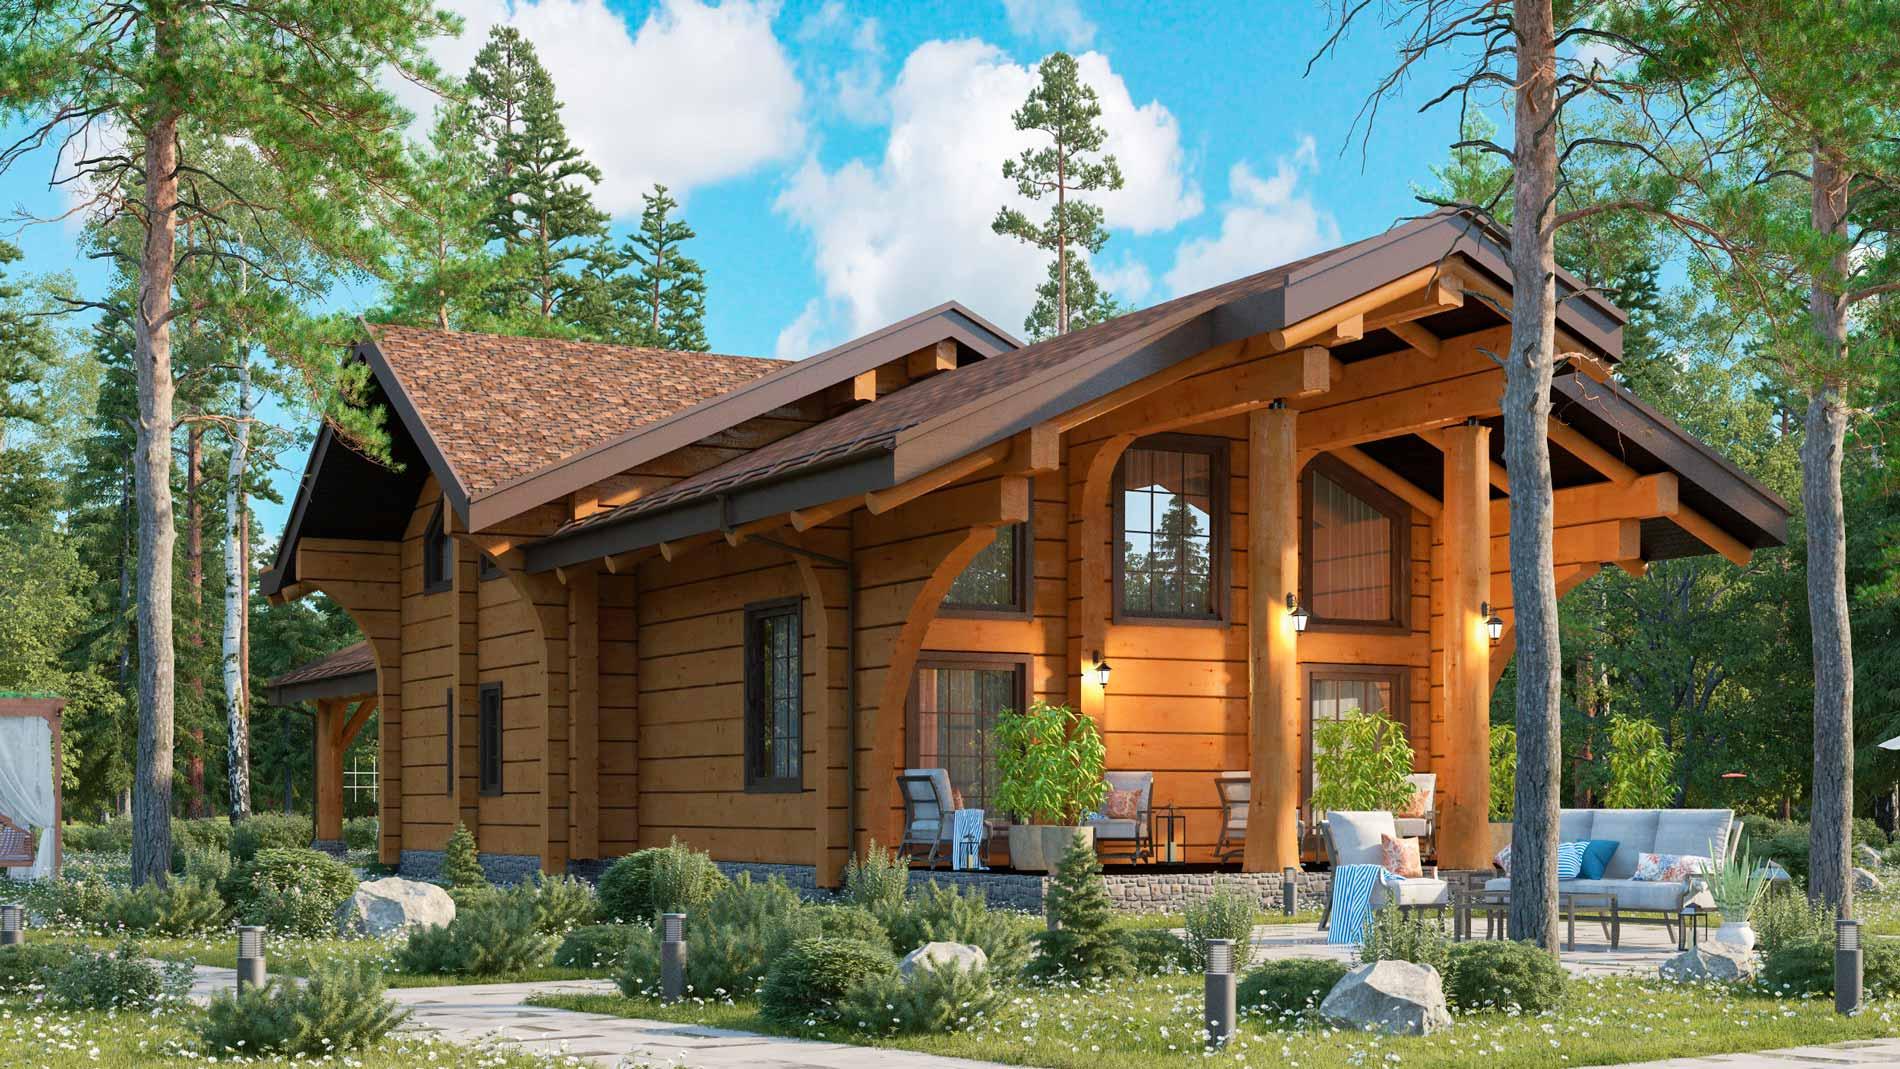 ????проекты домов из лафета: преимущества и особенности, варианты проектов коттеджей из лафета, цены - блог о строительстве